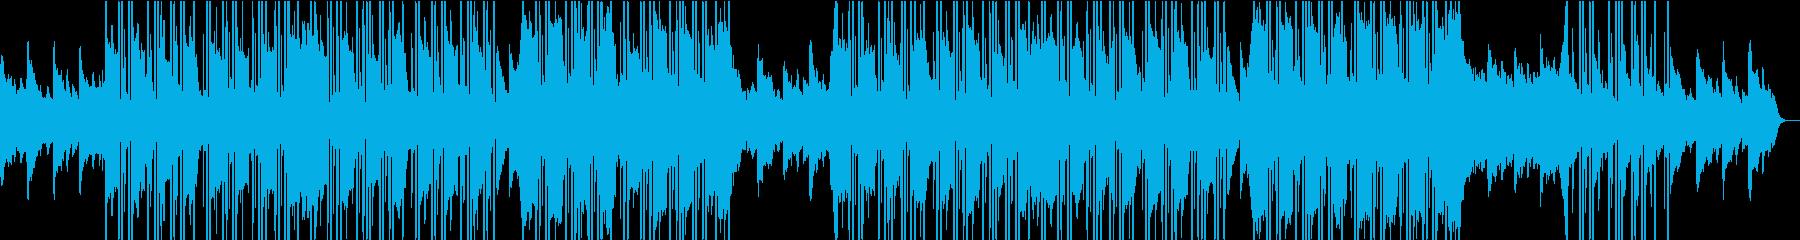 シネマティックなピアノ(エモいバラード)の再生済みの波形